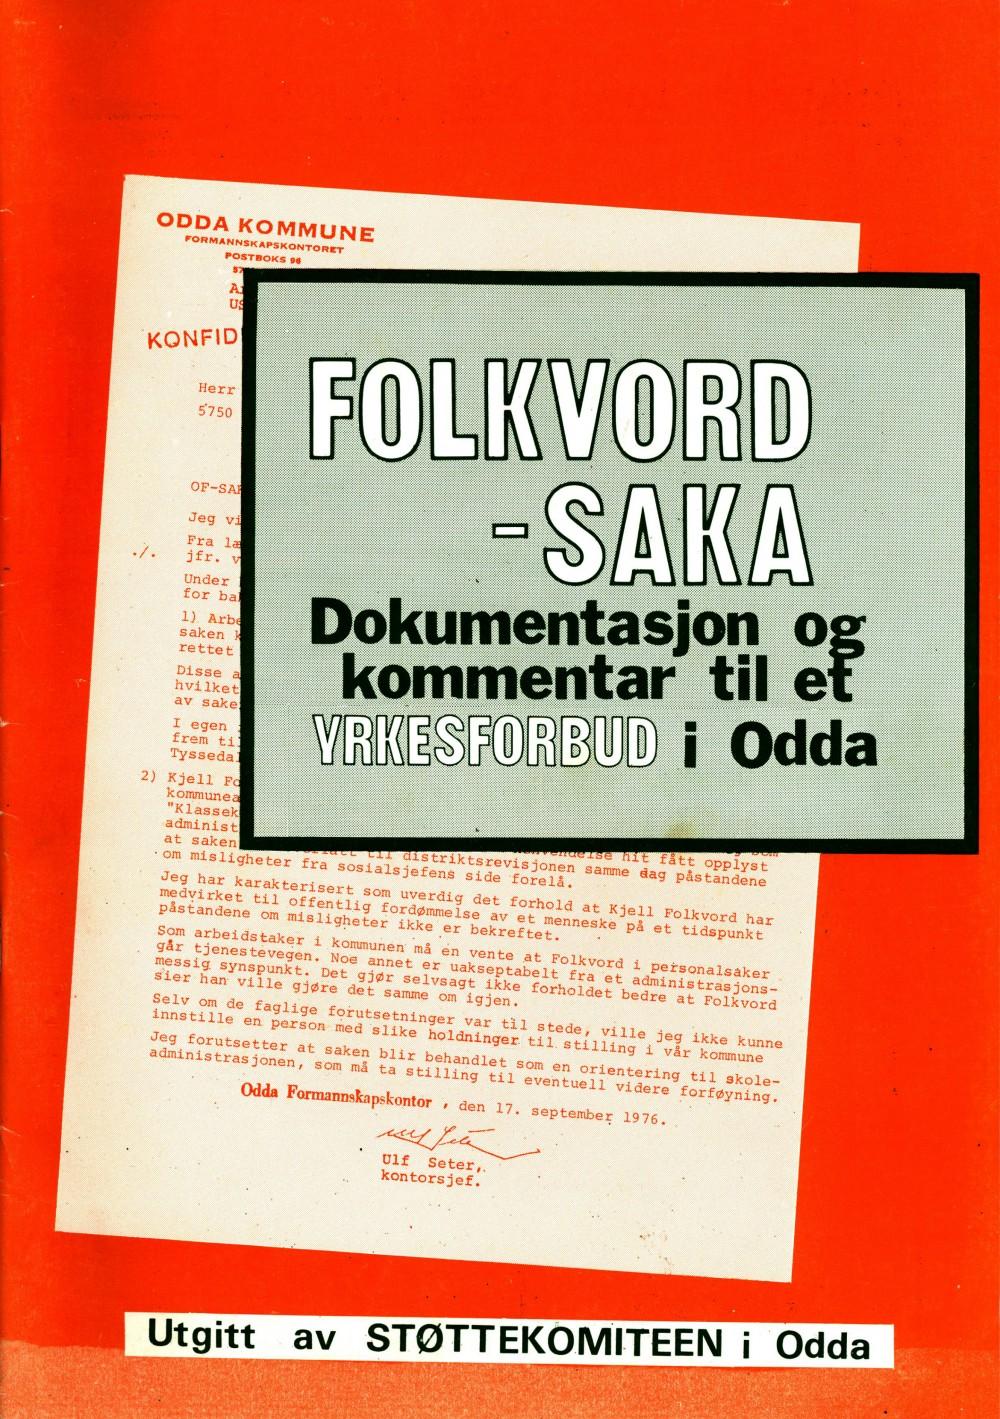 Folkvord-saka - Dokumentasjon og kommentar til et yrkesforbud i Odda